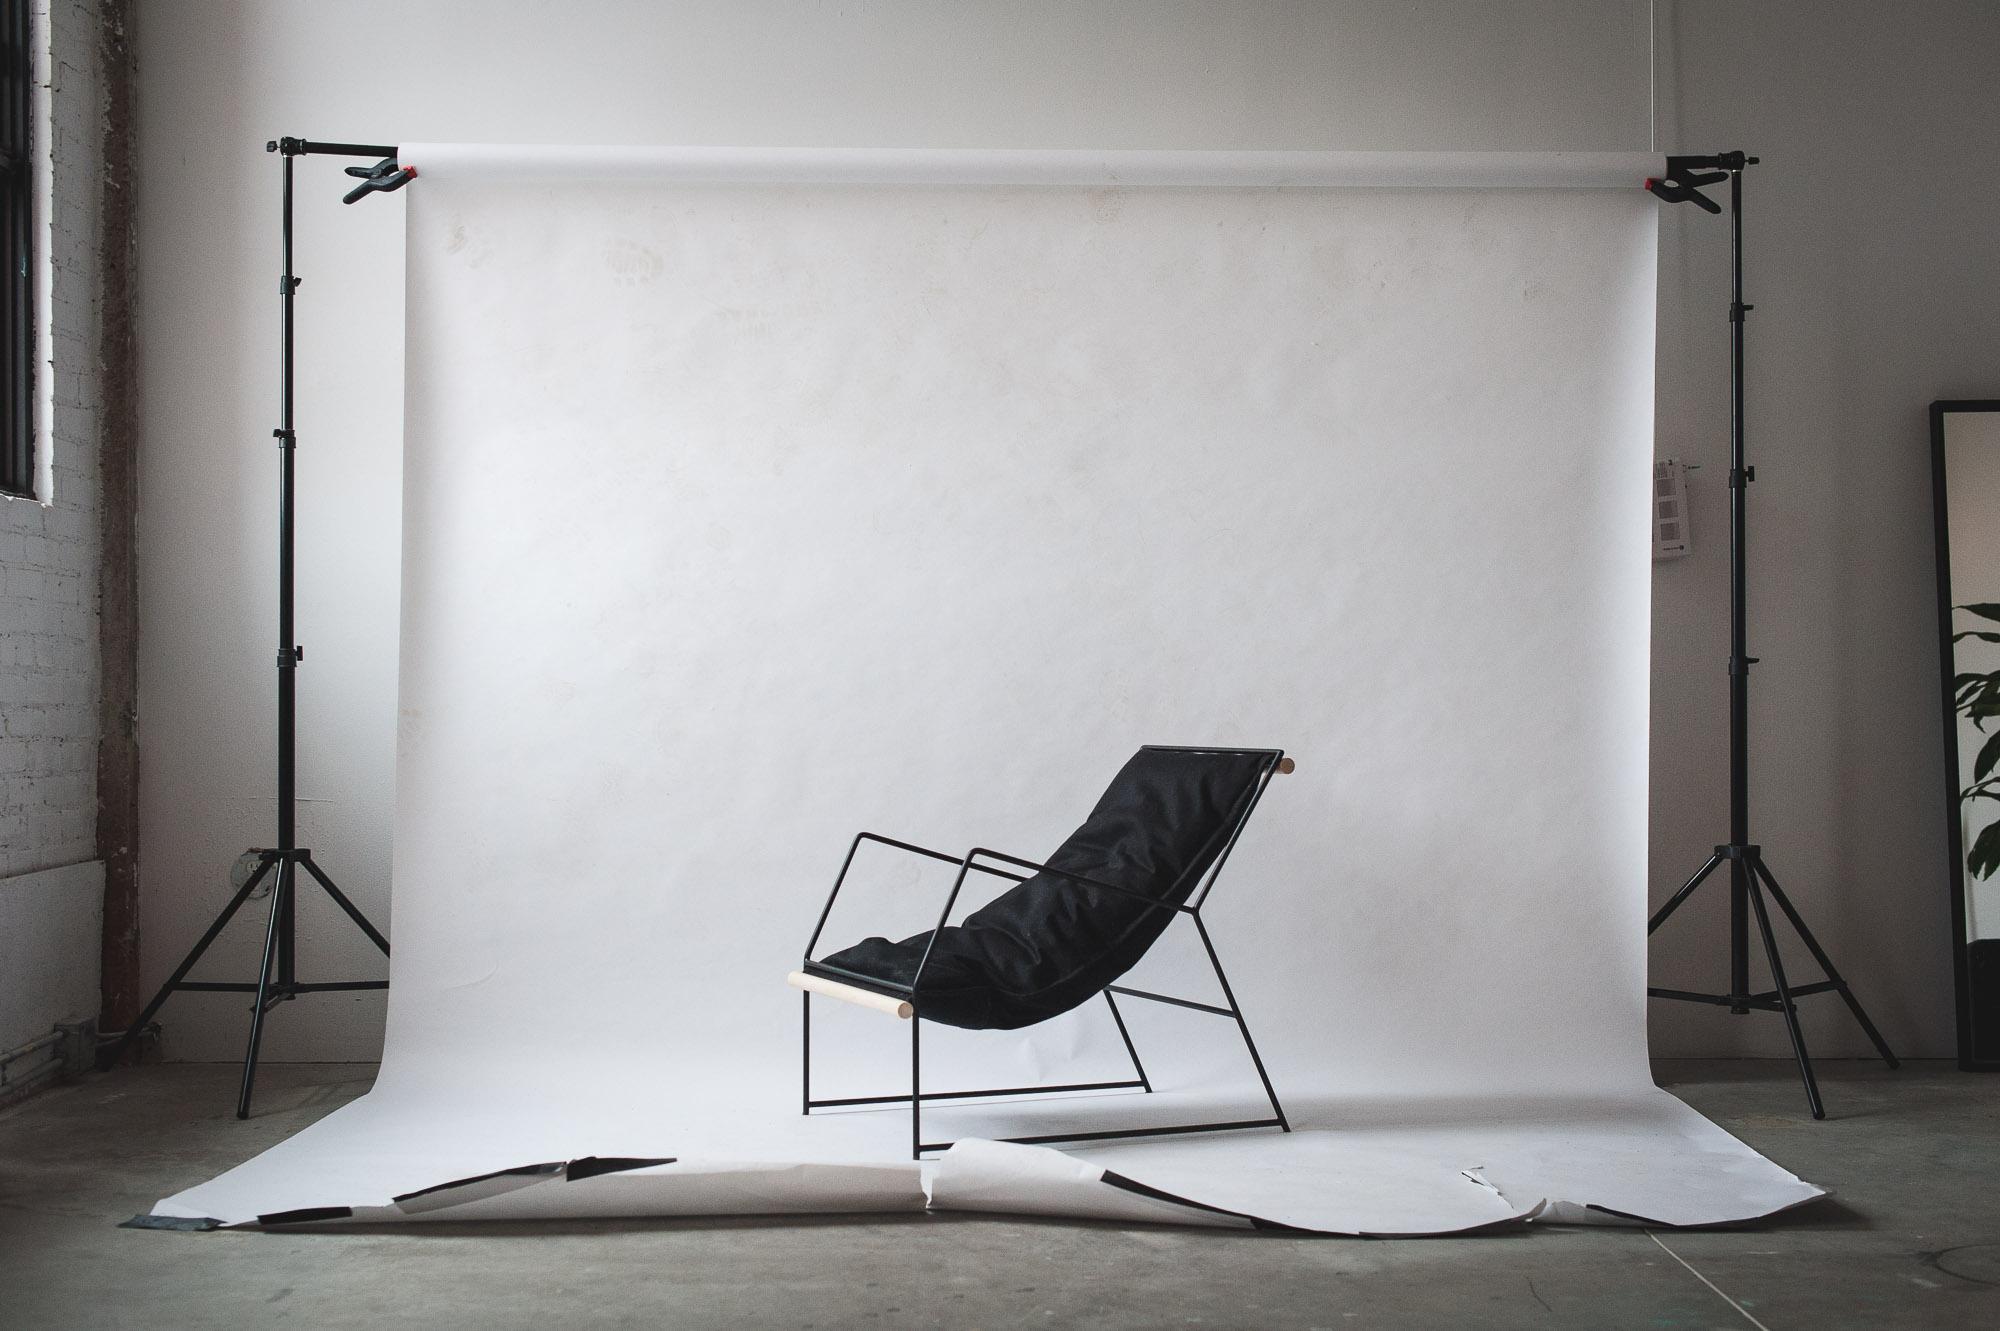 mitz-takahashi-kumo-chair